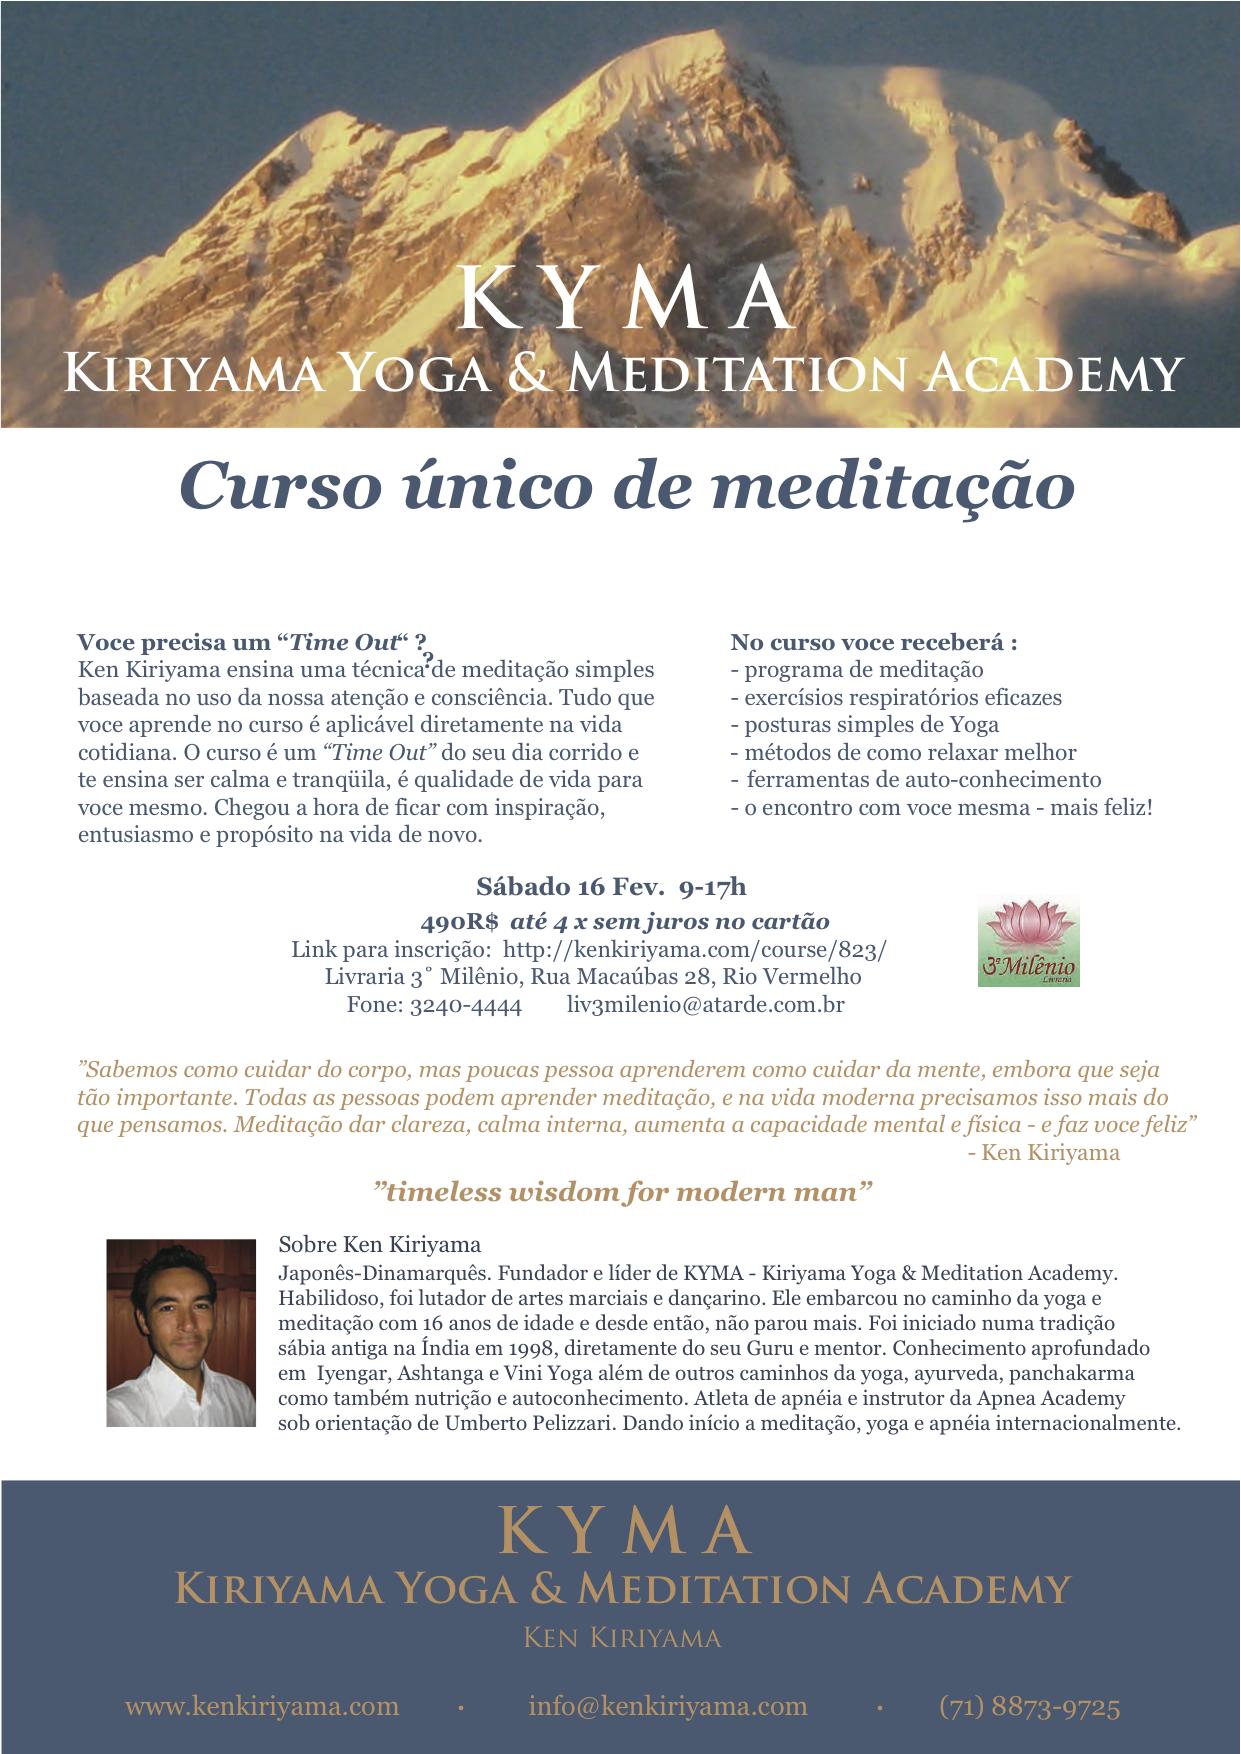 KYMA Curso de Meditação, reduced PDF, JPEG